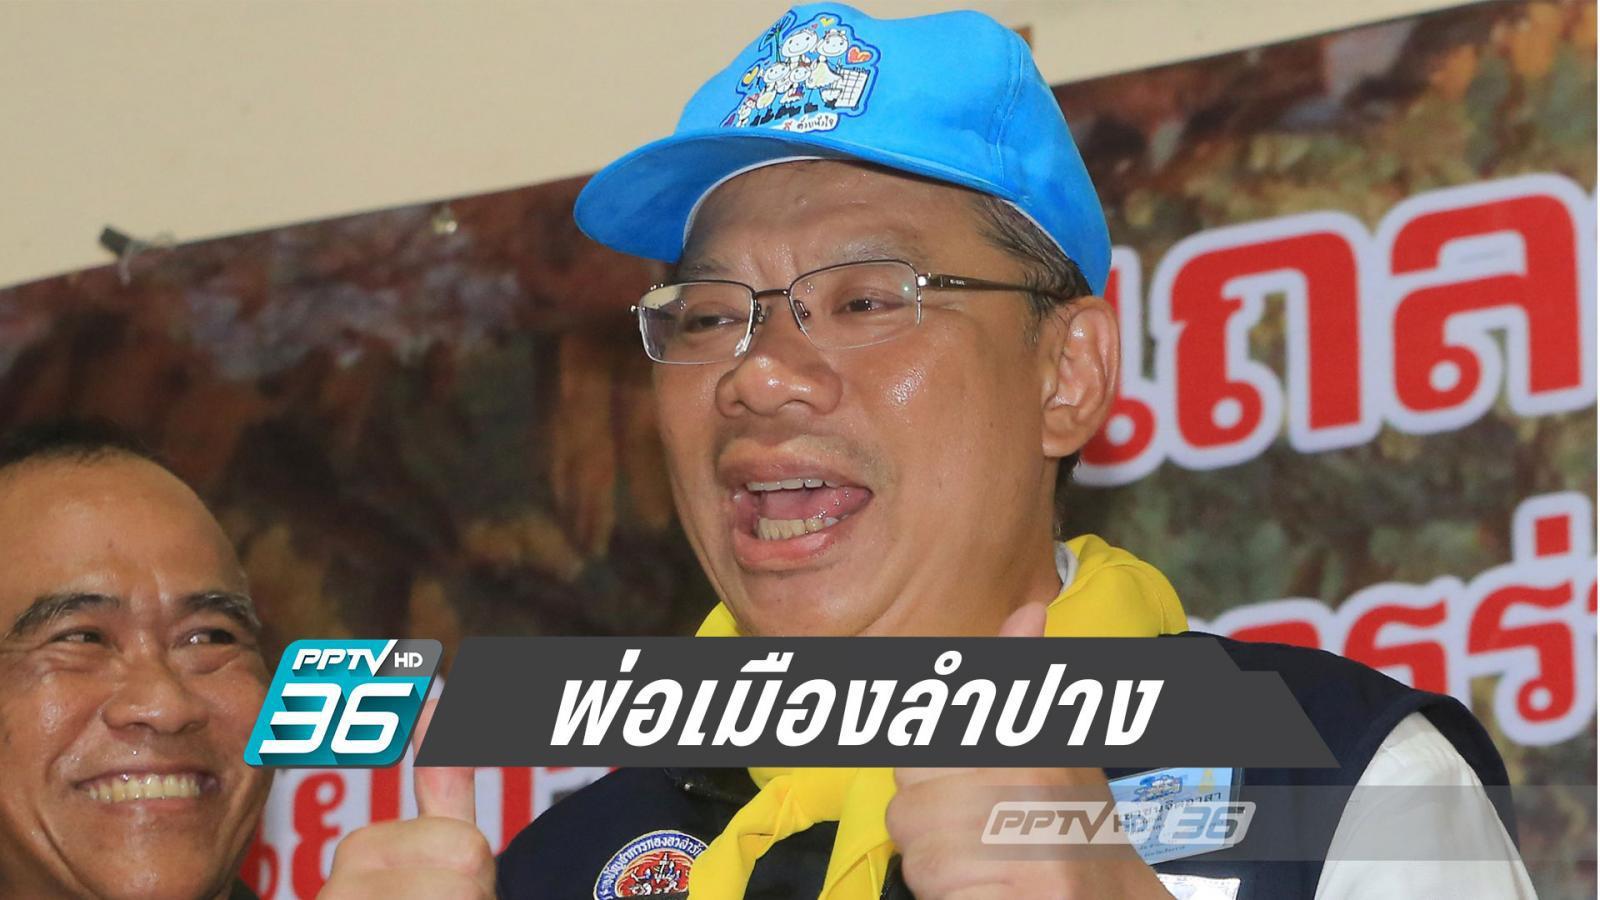 """เปิดโผโยกย้ายมหาดไทย """"ผู้ว่าฯณรงค์ศักดิ์"""" ย้ายนั่งพ่อเมืองลำปาง"""